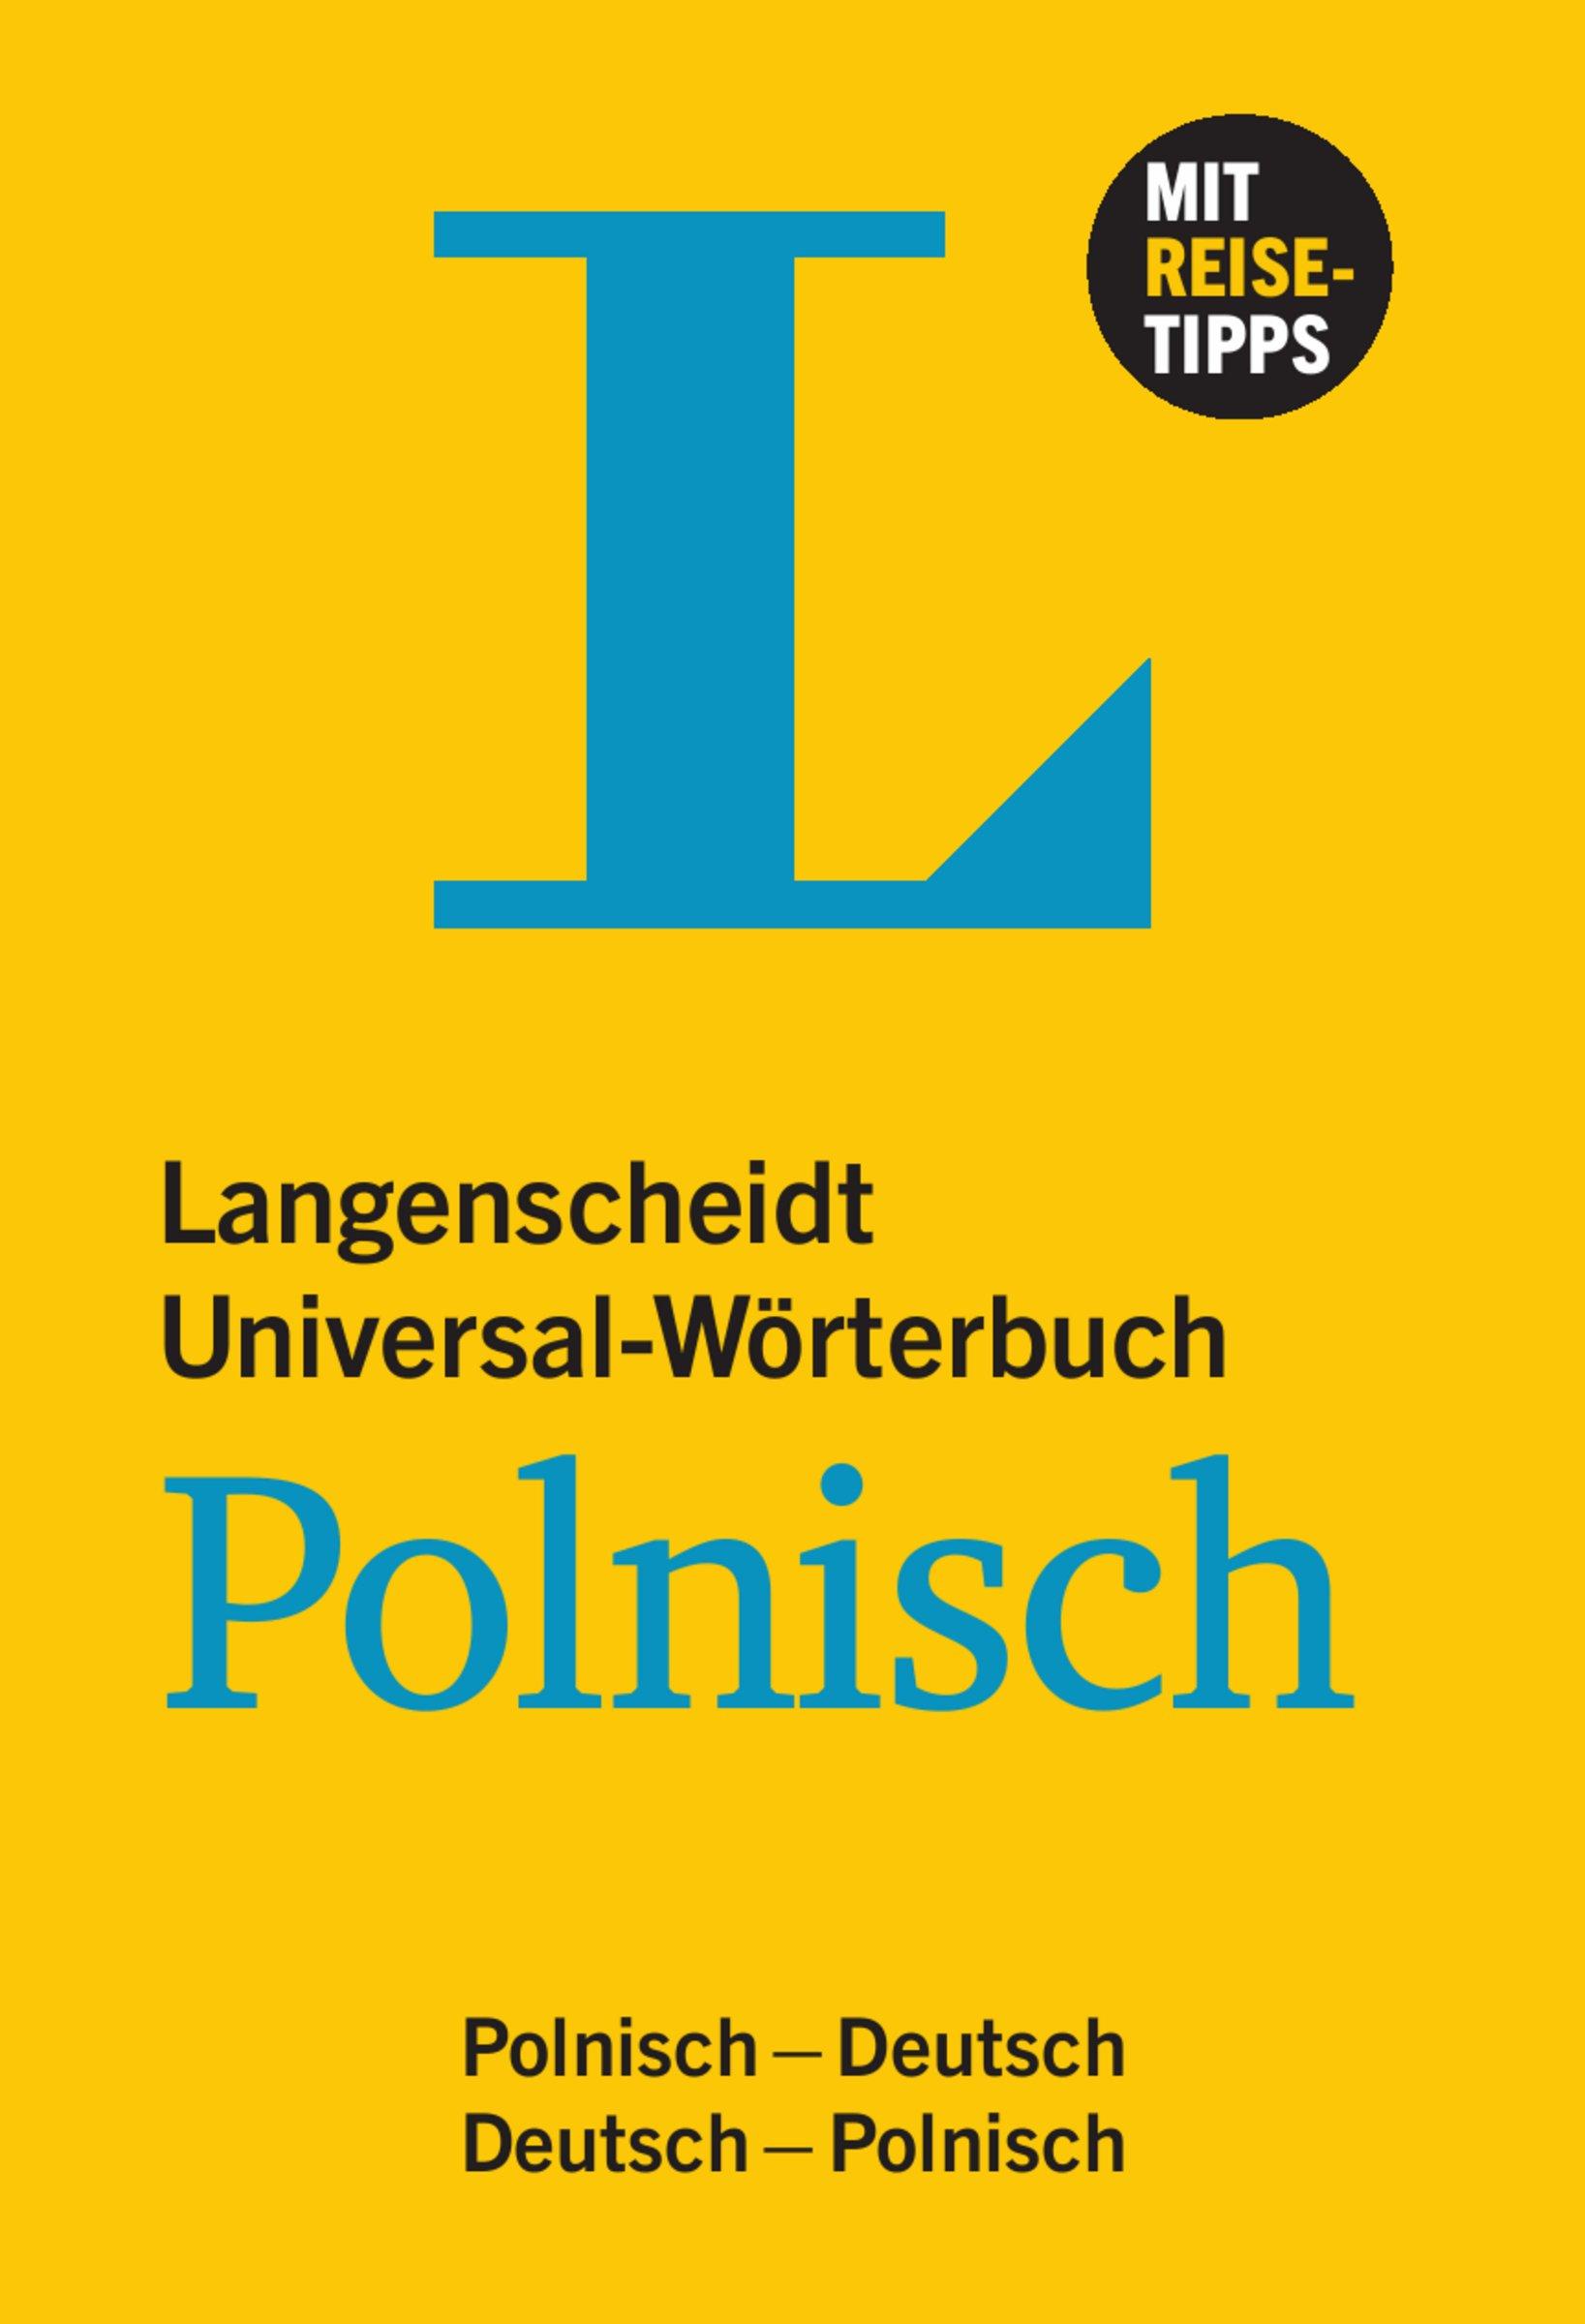 Langenscheidt Universal-Wörterbuch Polnisch - mit Tipps für die